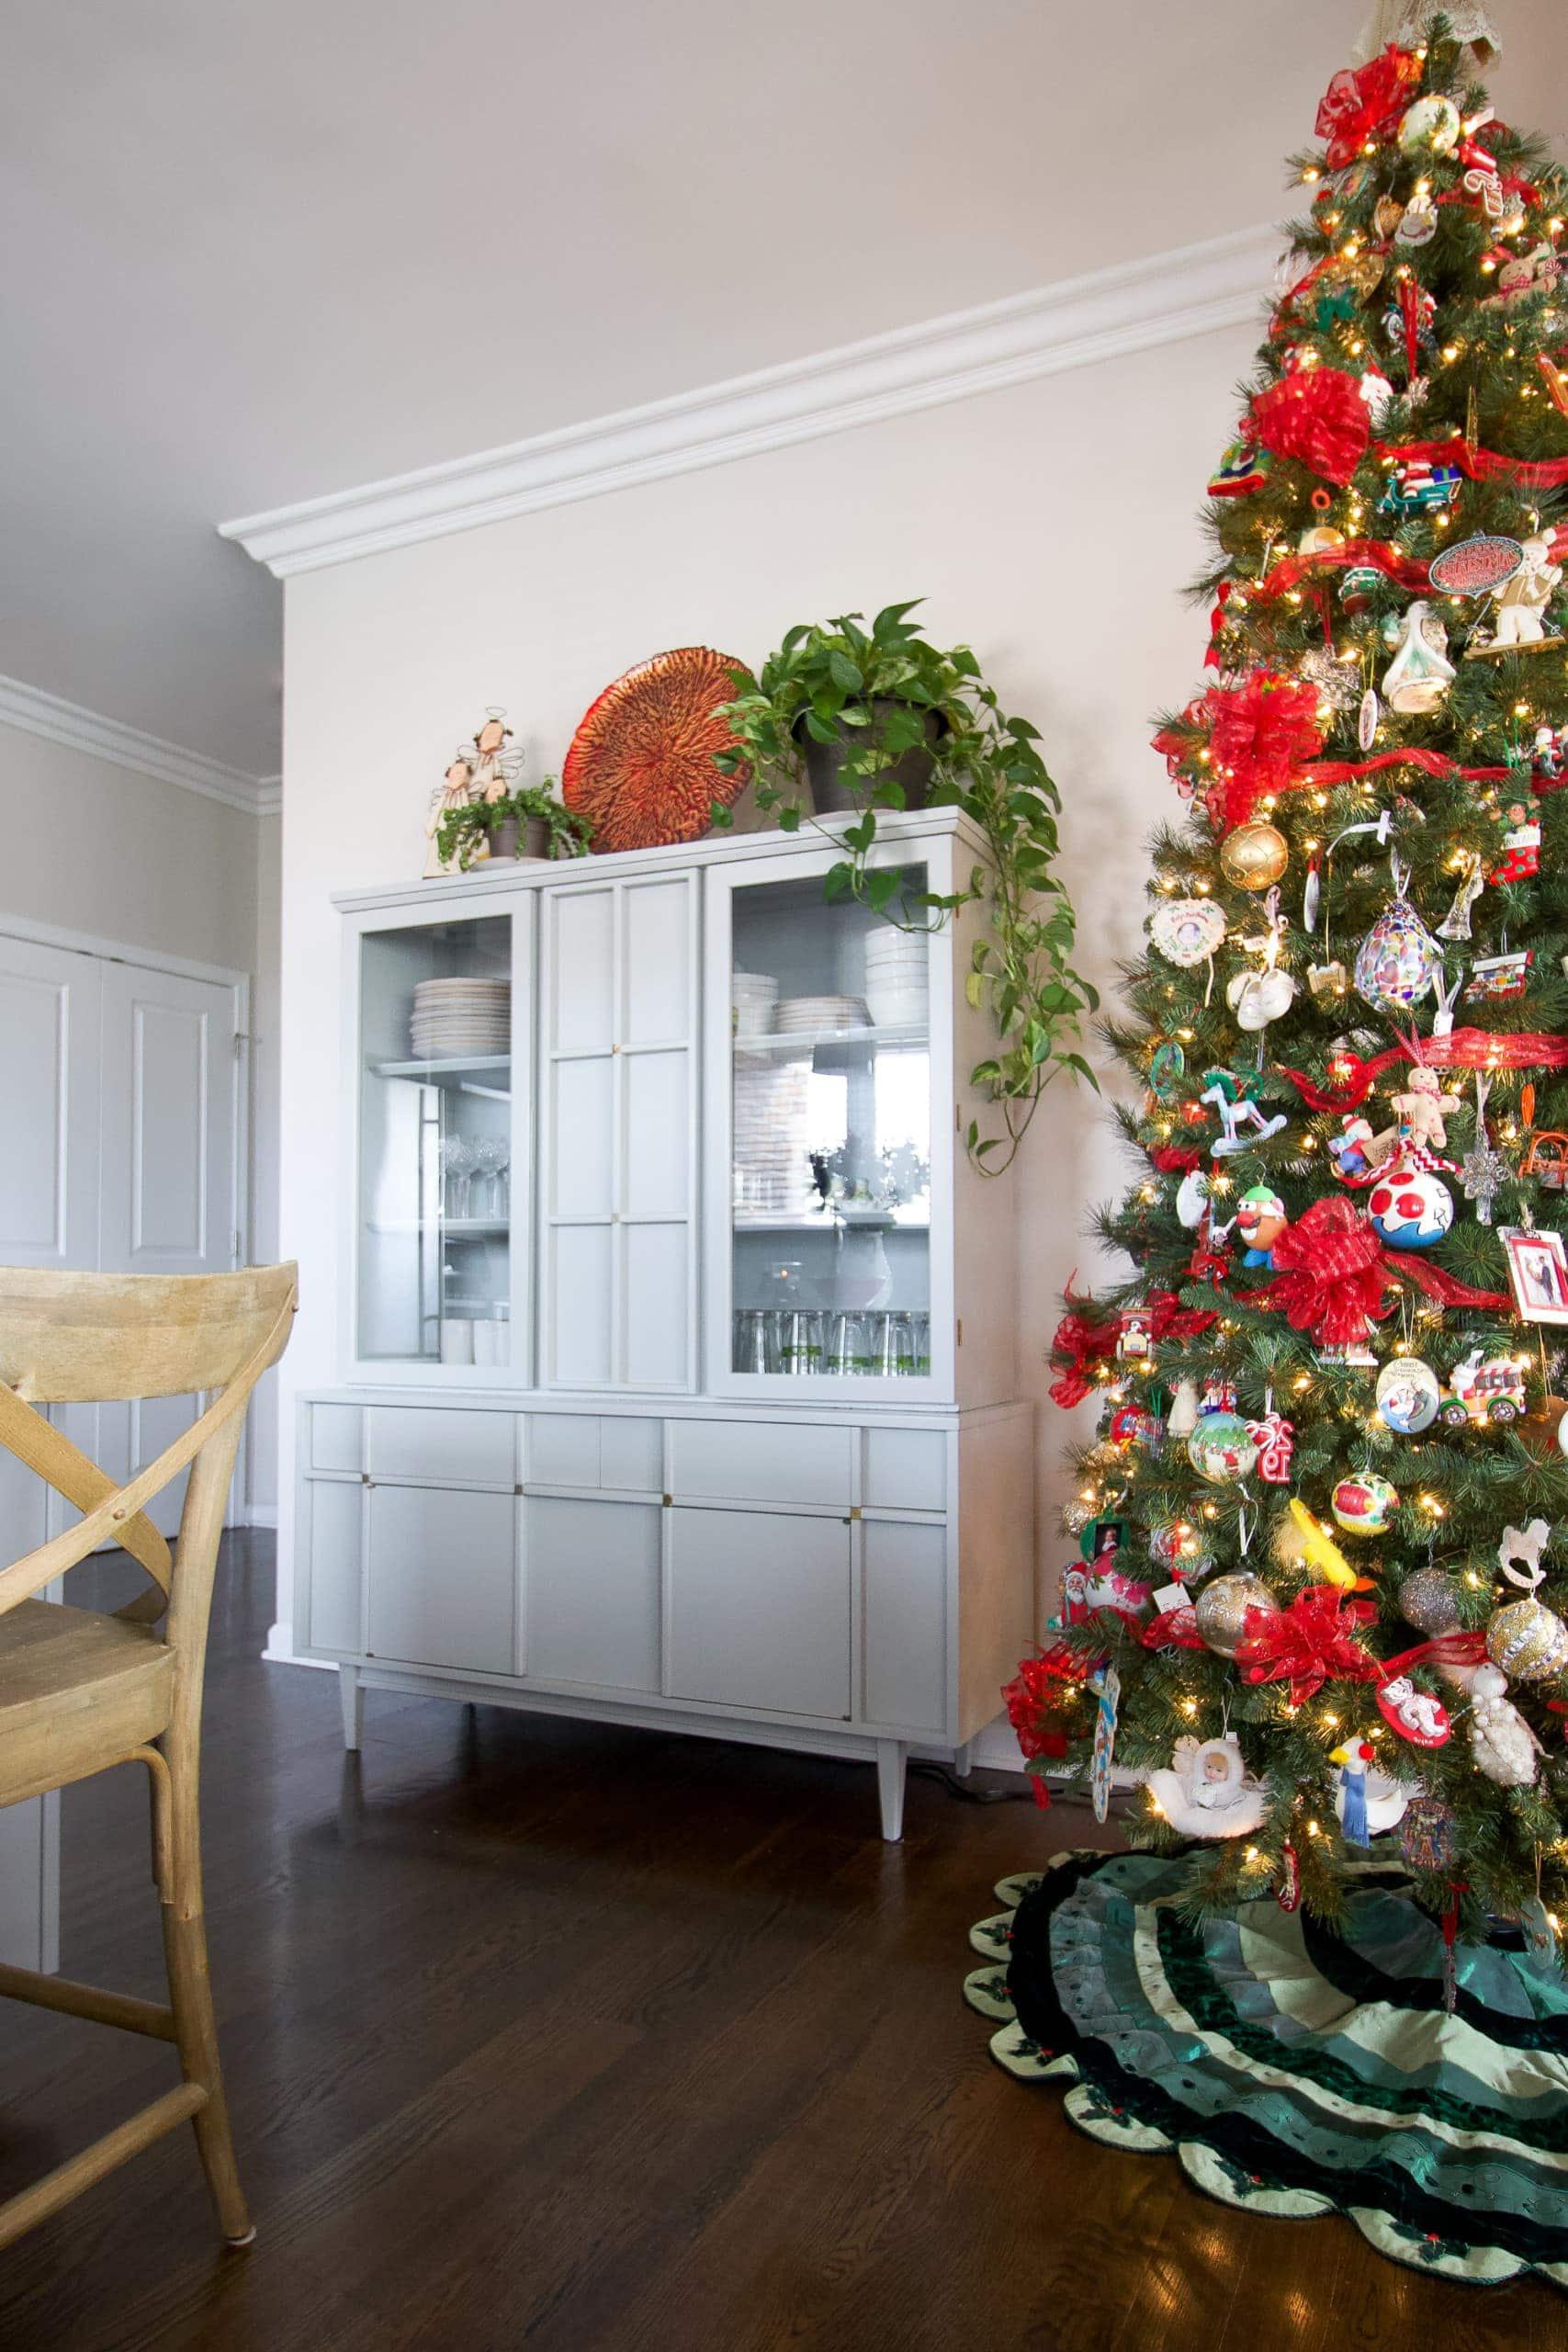 My mom's traditional Christmas home